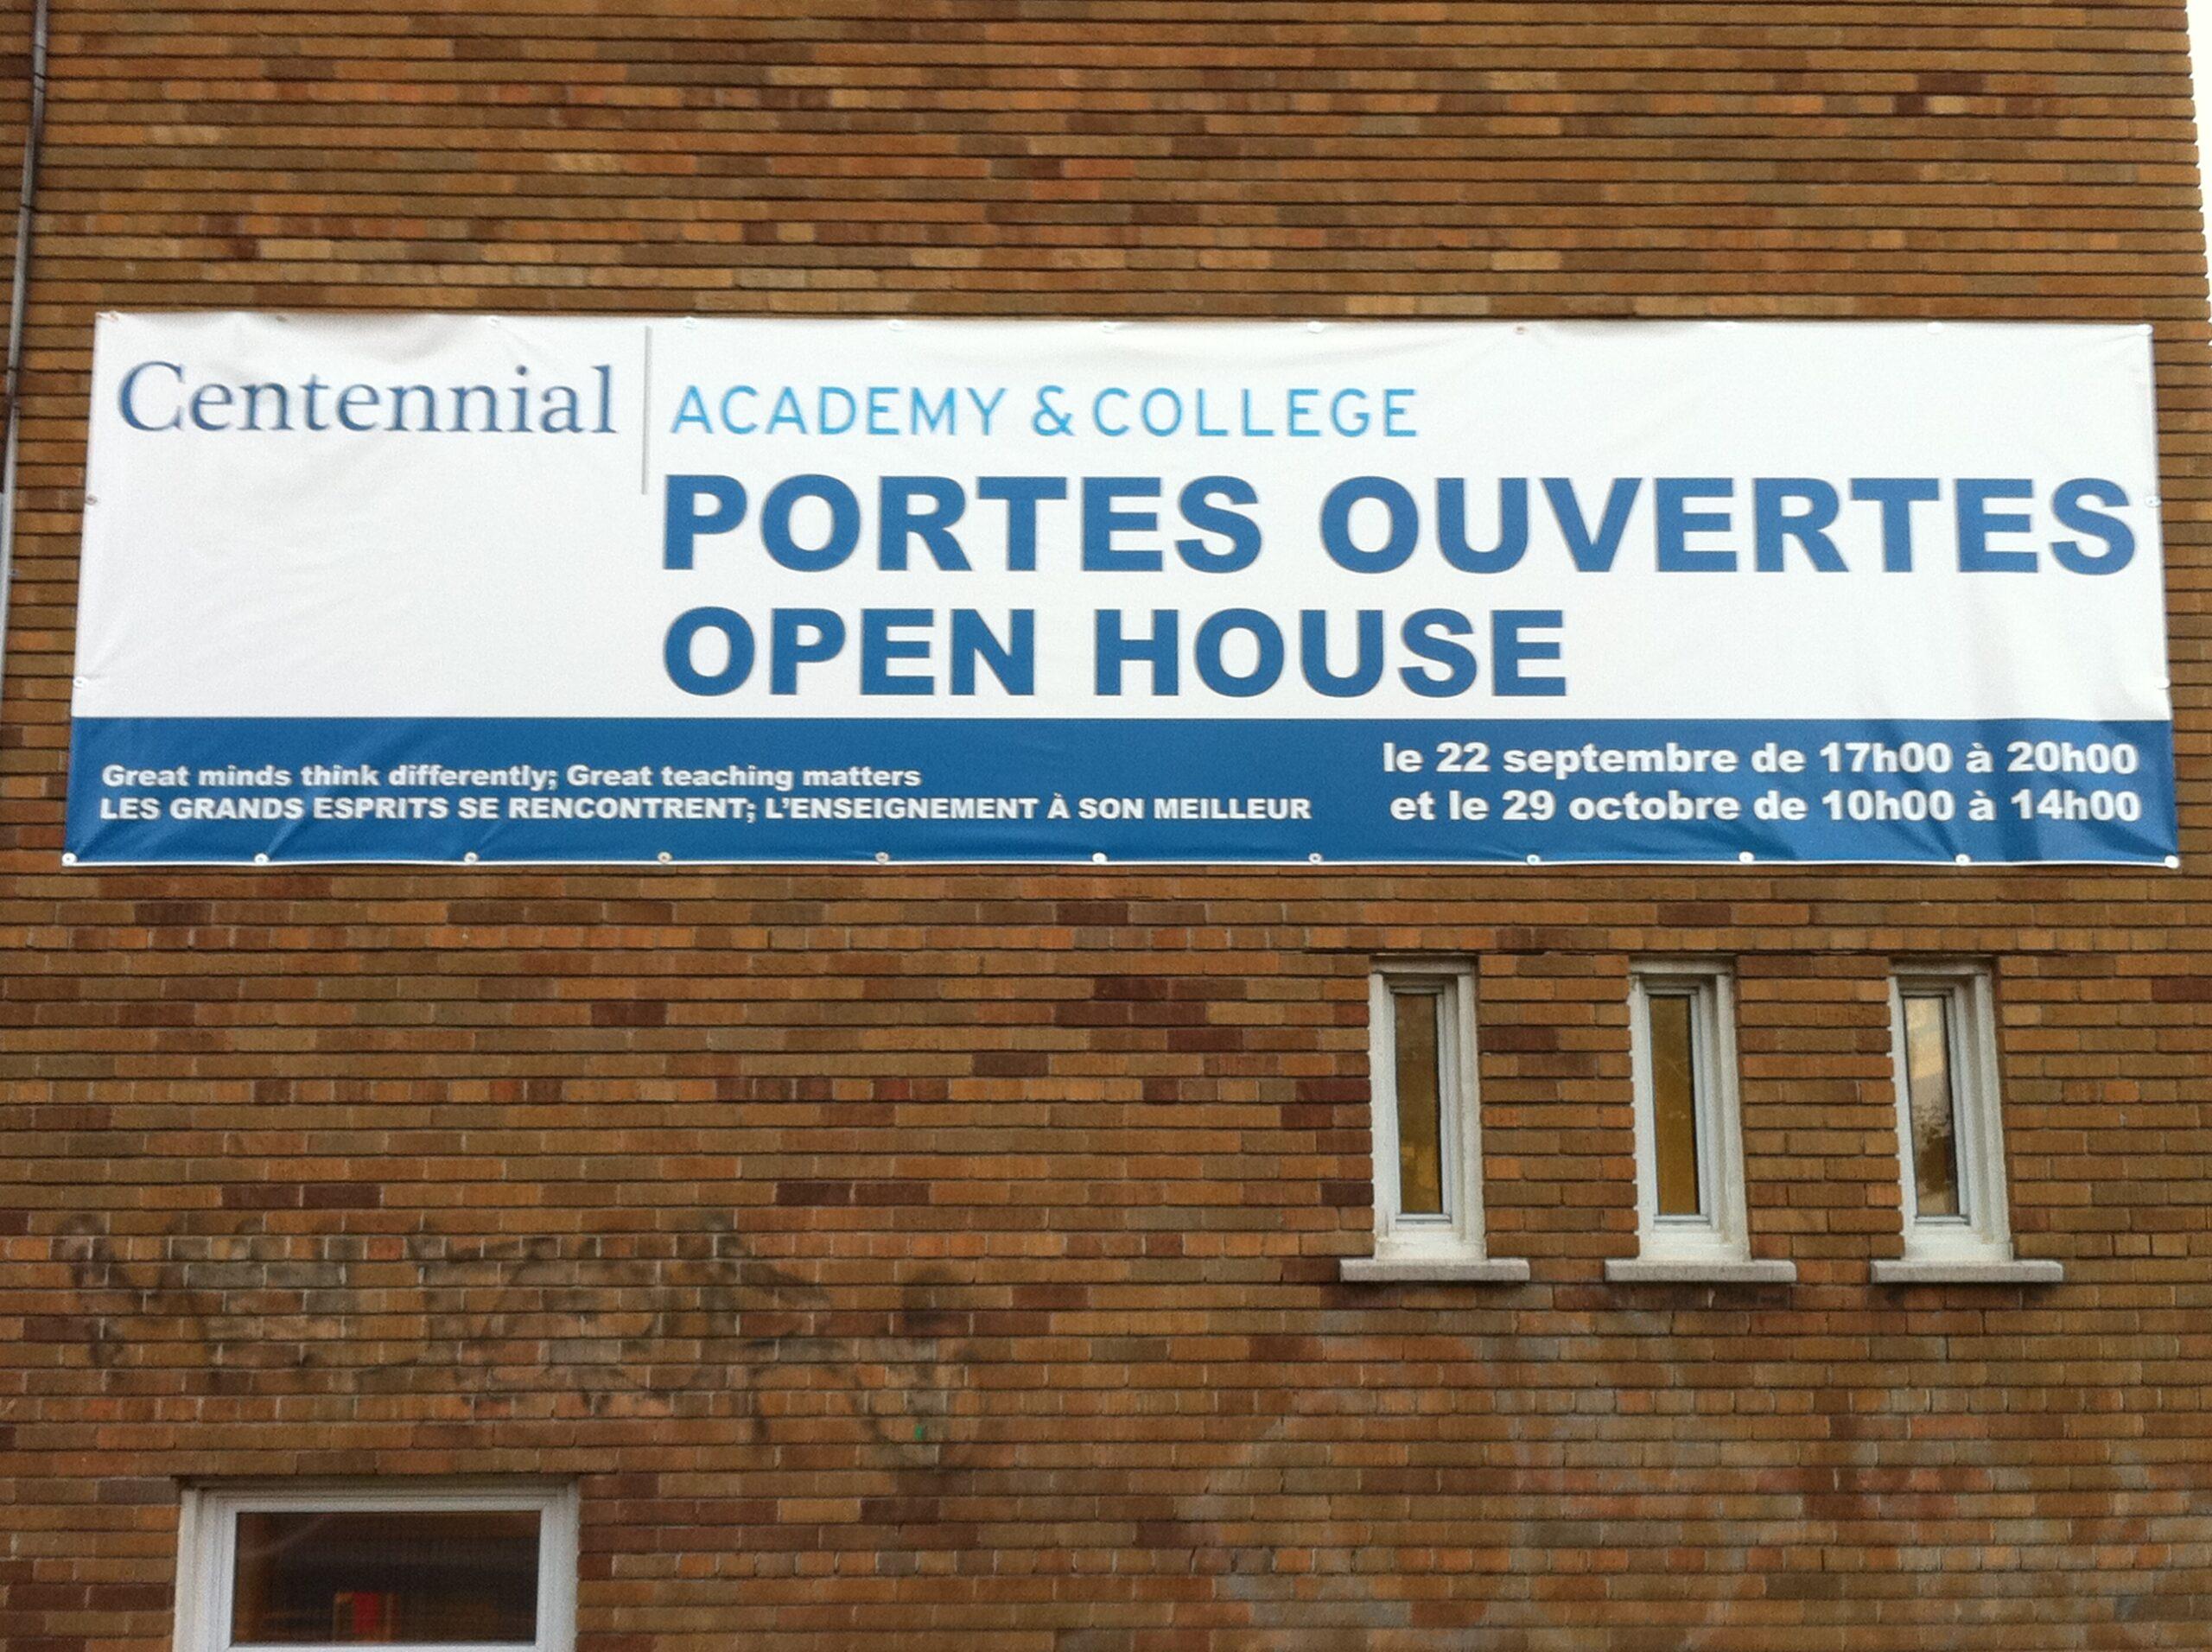 Académie centennale / Centennial Academy, bannière publicitaire, 2011